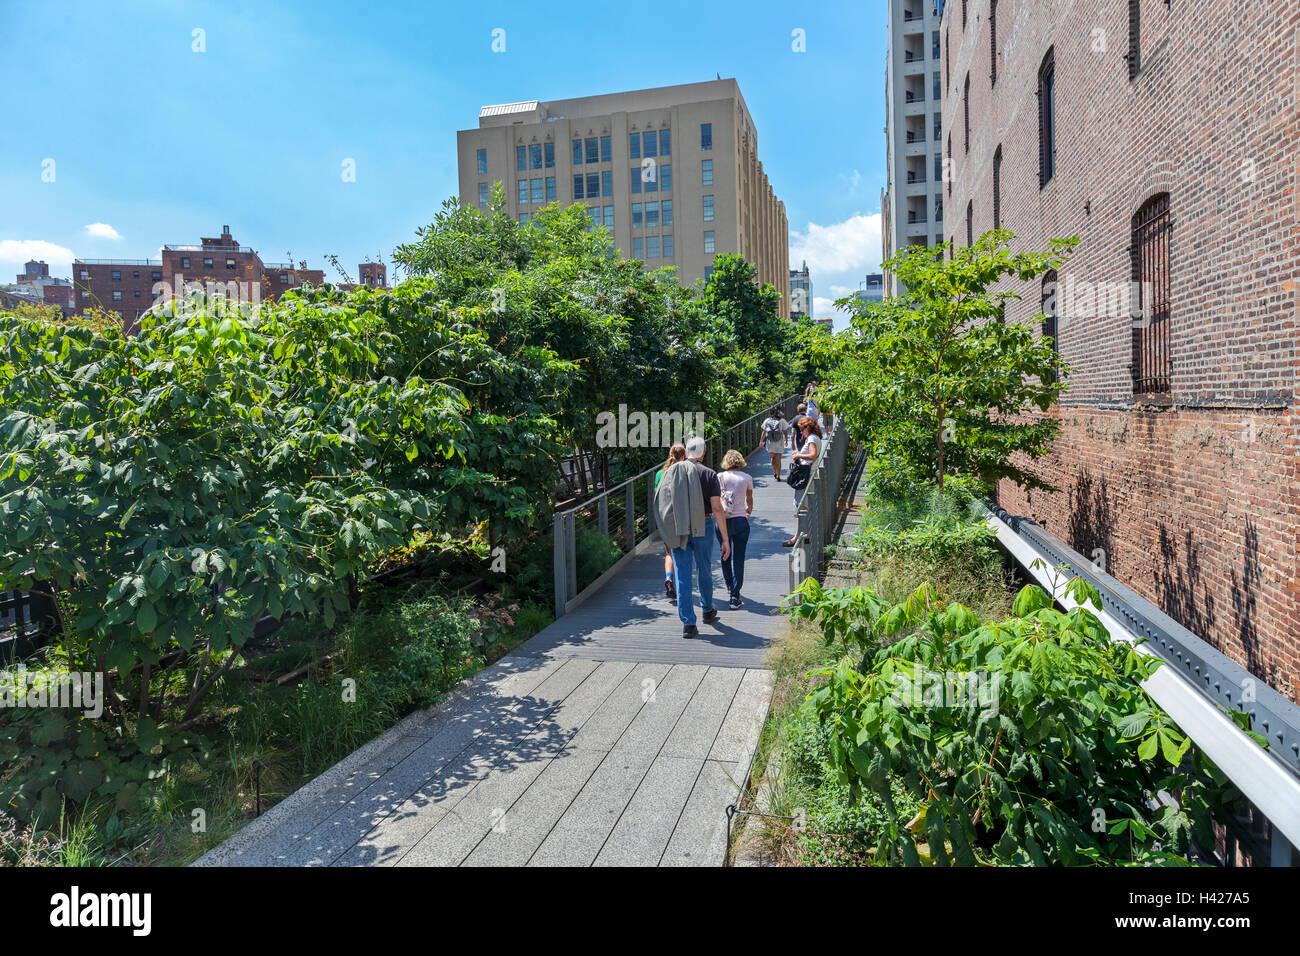 Personnes à pied et profiter de la New York City Le parc High Line. Banque D'Images